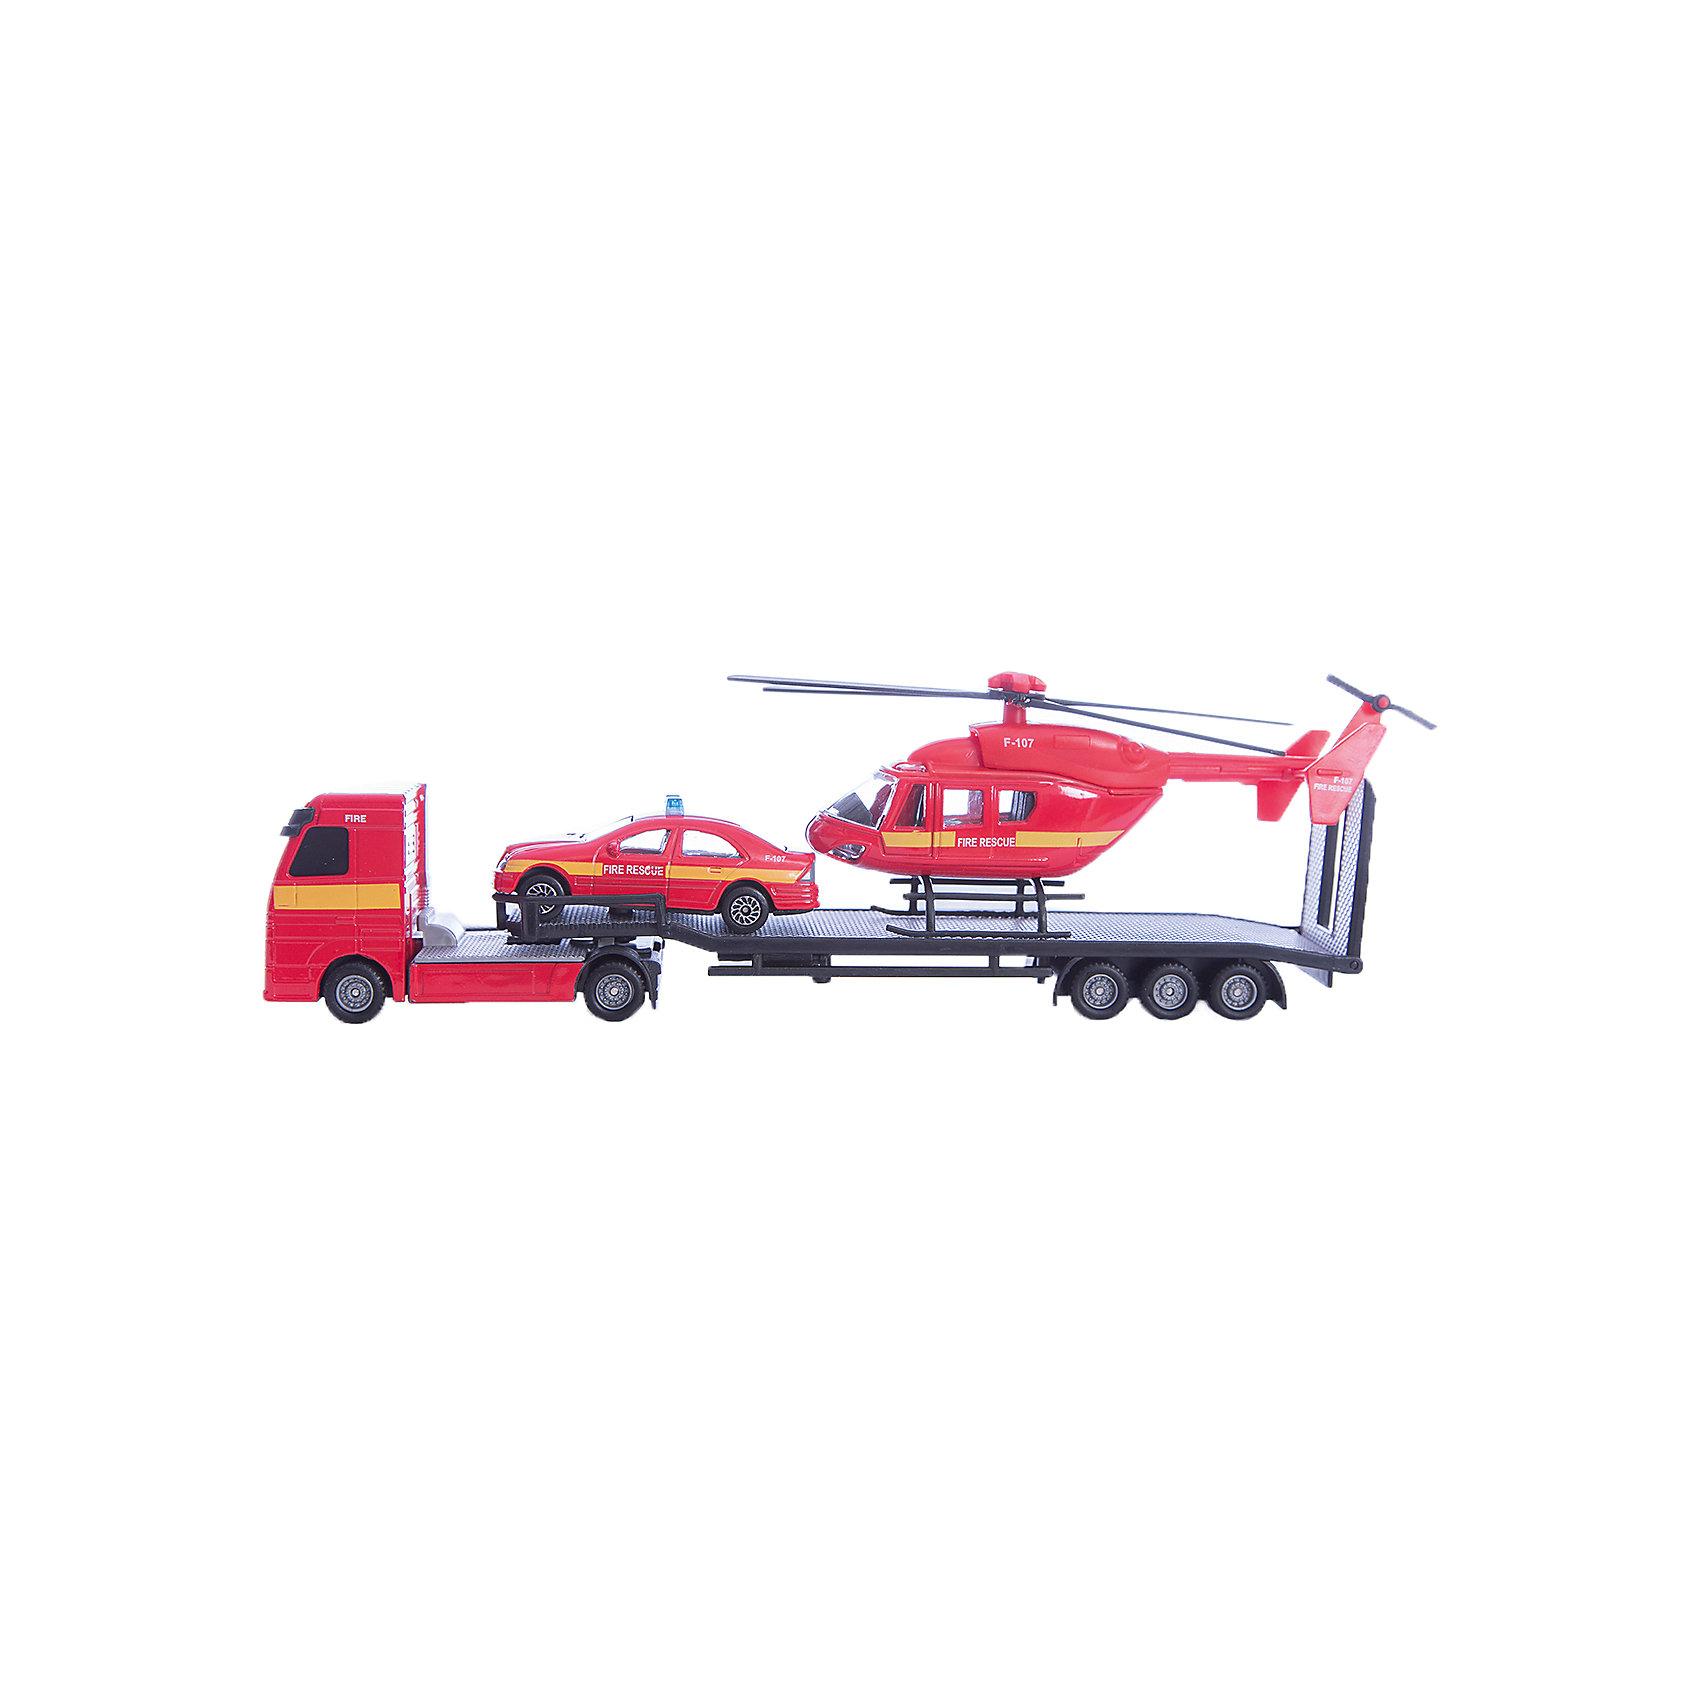 Перевозчик с машиной и вертолетом, HTl GrоuрИгровые наборы<br>Игра в машинки это не только прекрасное развлечение для мальчиков, но и способ развить моторику, опорно-двигательный аппарат, логическое мышление, координацию. Важно, чтобы игрушки были безопасны для малышей, качественно выполнены, чтобы не сломаться в первый же день и не вызвать слез и досады у ребенка. <br>Всем этим требованиям отвечают машинки компании HTI. Высокие европейские стандарты залог высокого качества. <br>Игровой набор «Транспортер строительной техники» это мини-копия грузовика, который везет в своем прицепе 2 маленьких трактора. Высокая степень детализации сделает игру интереснее, а яркий цвет поможет развить цветовое восприятие. <br><br>Дополнительная информация:<br><br>Комплект: перевозчик, легковой автомобиль, вертолет.<br>Материал: пластик.<br><br>Перевозчик с машиной и вертолетом, HTl Grоuр можно купить в нашем магазине.<br><br>Ширина мм: 29<br>Глубина мм: 5<br>Высота мм: 9<br>Вес г: 170<br>Возраст от месяцев: 36<br>Возраст до месяцев: 96<br>Пол: Мужской<br>Возраст: Детский<br>SKU: 4574042